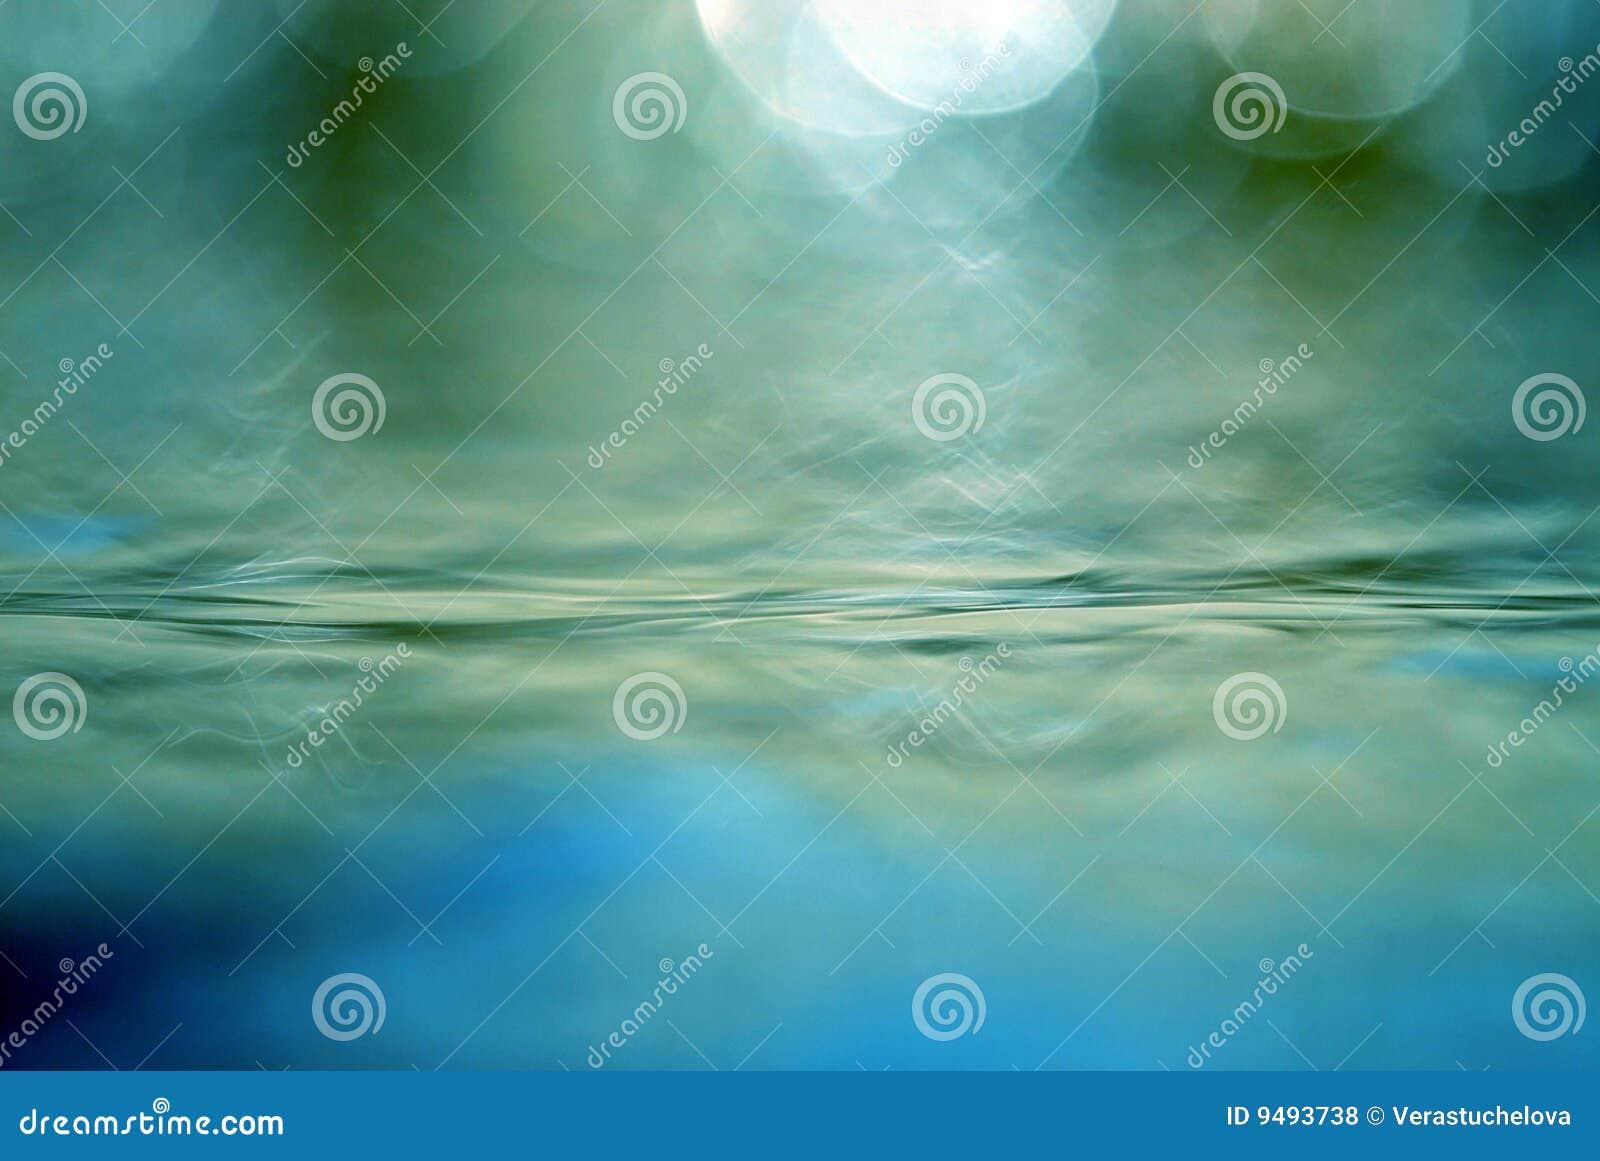 Extracto del agua